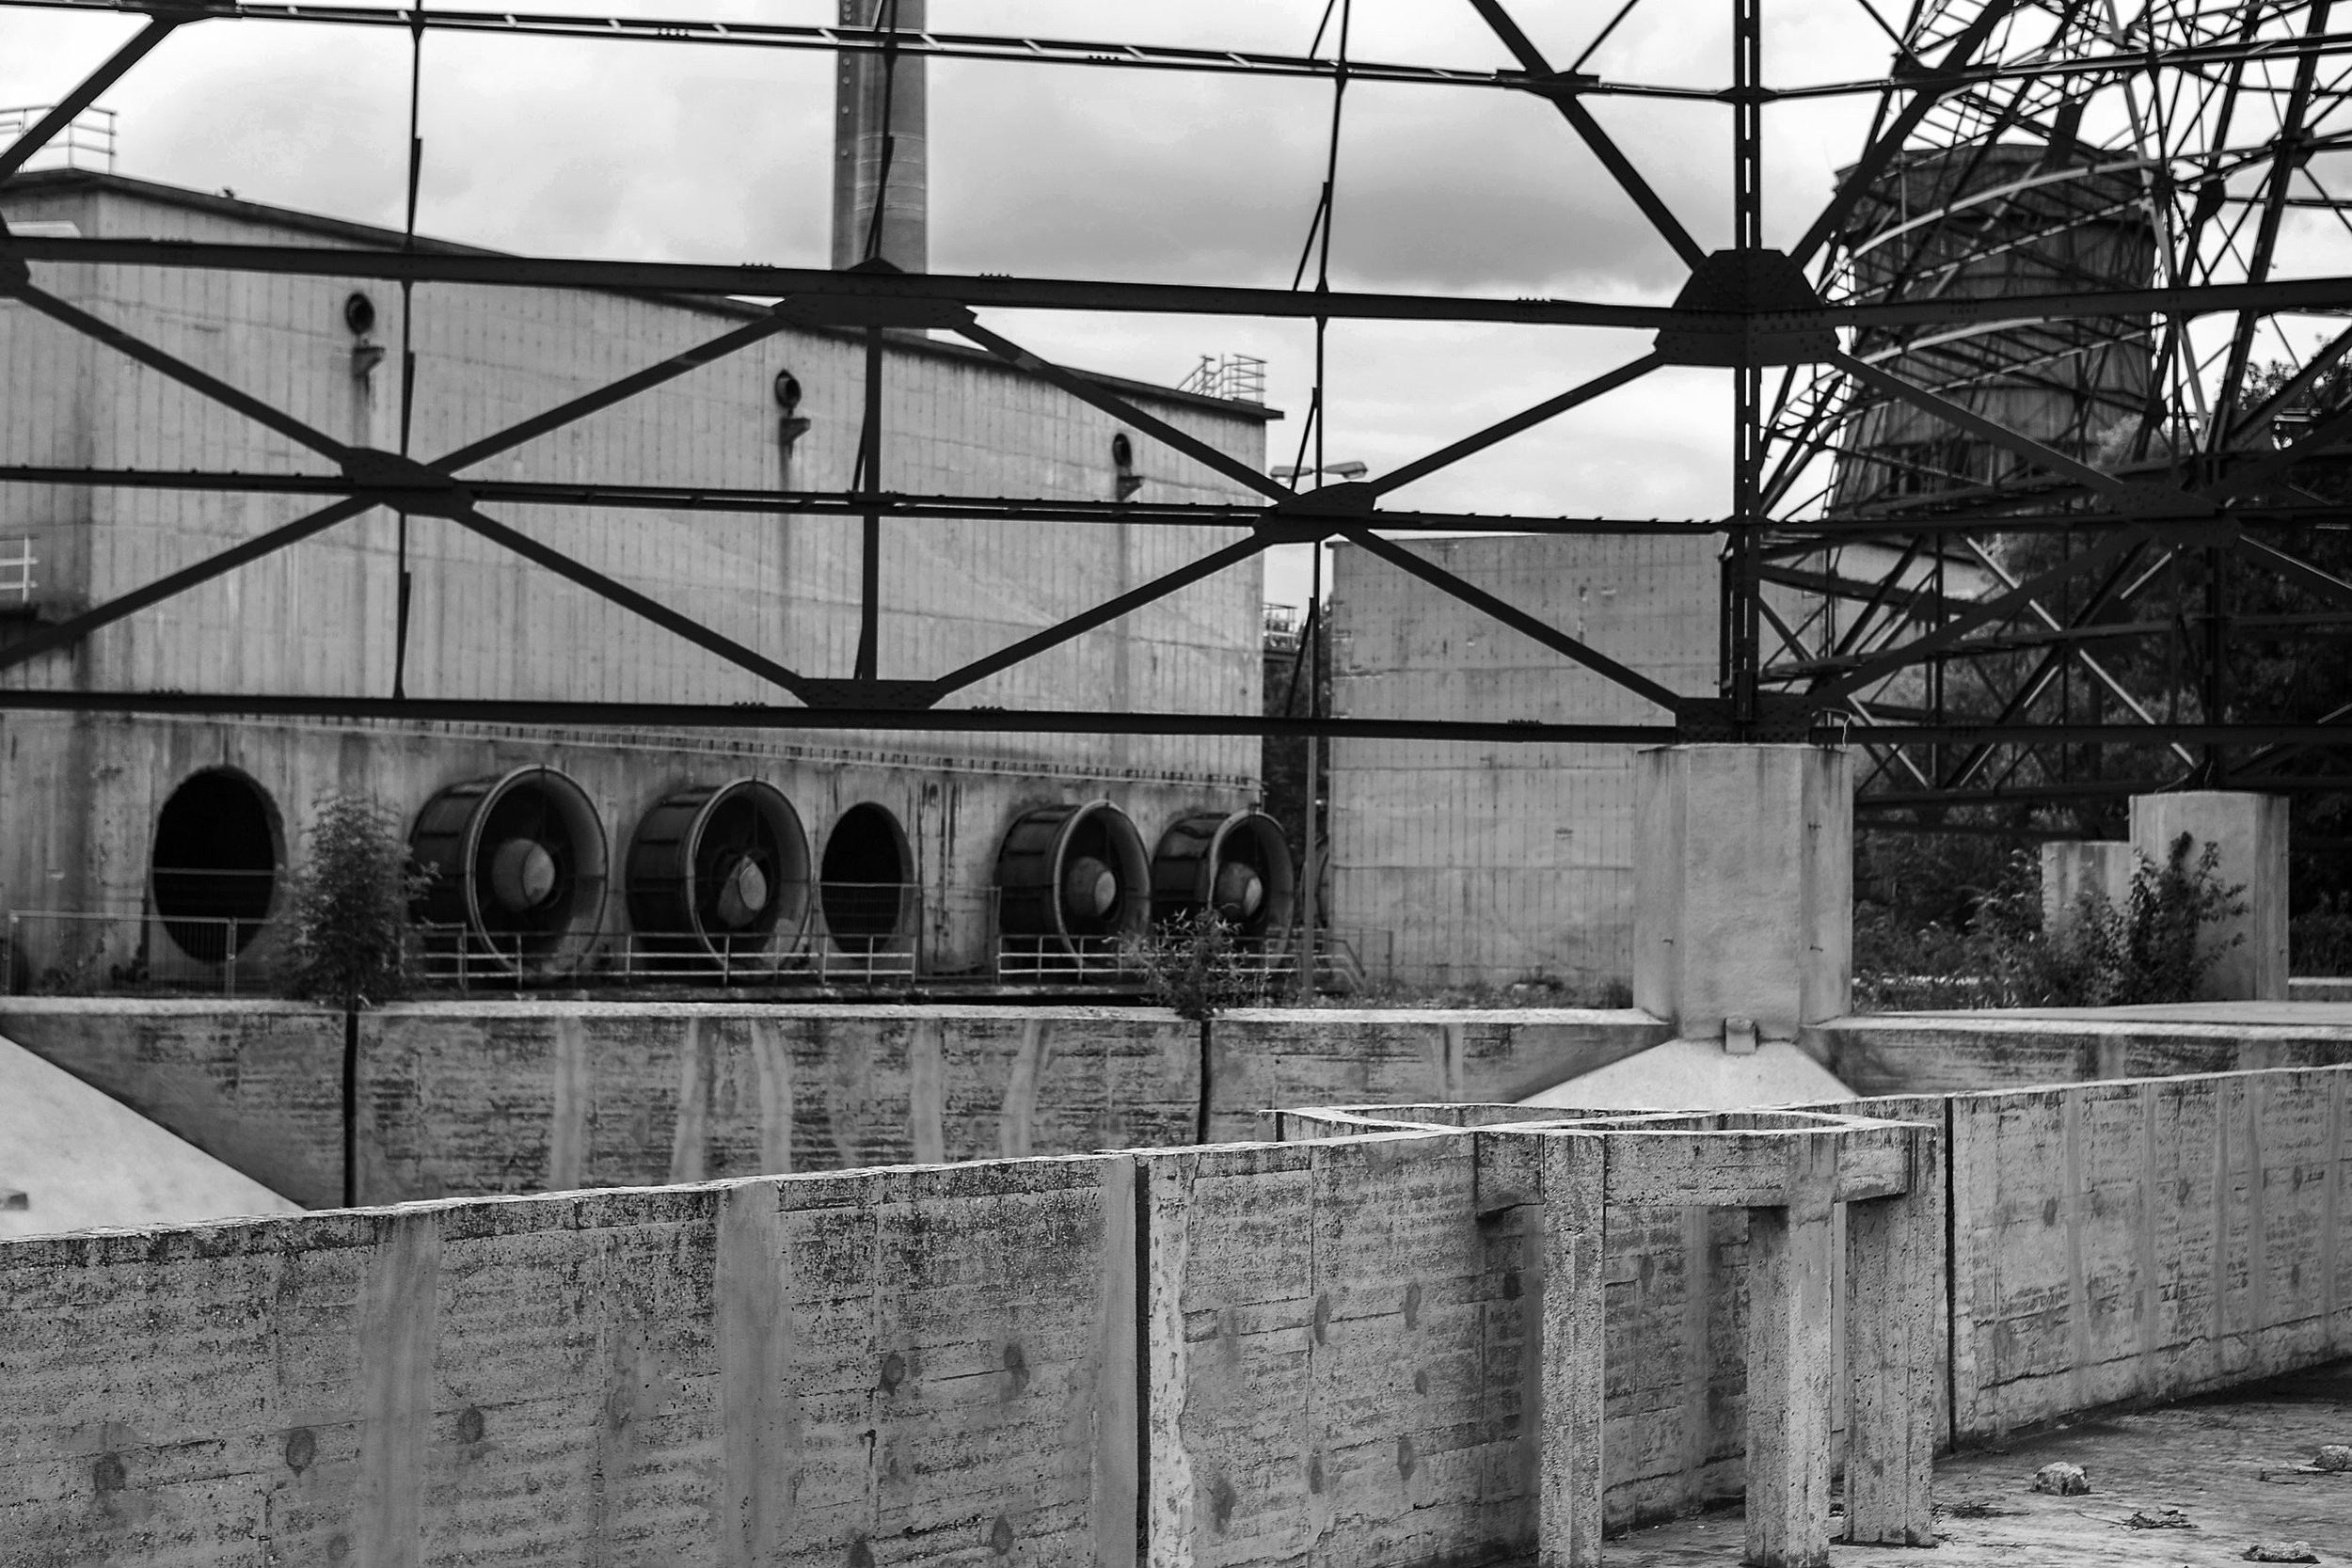 Zollverein_bw_07.jpg